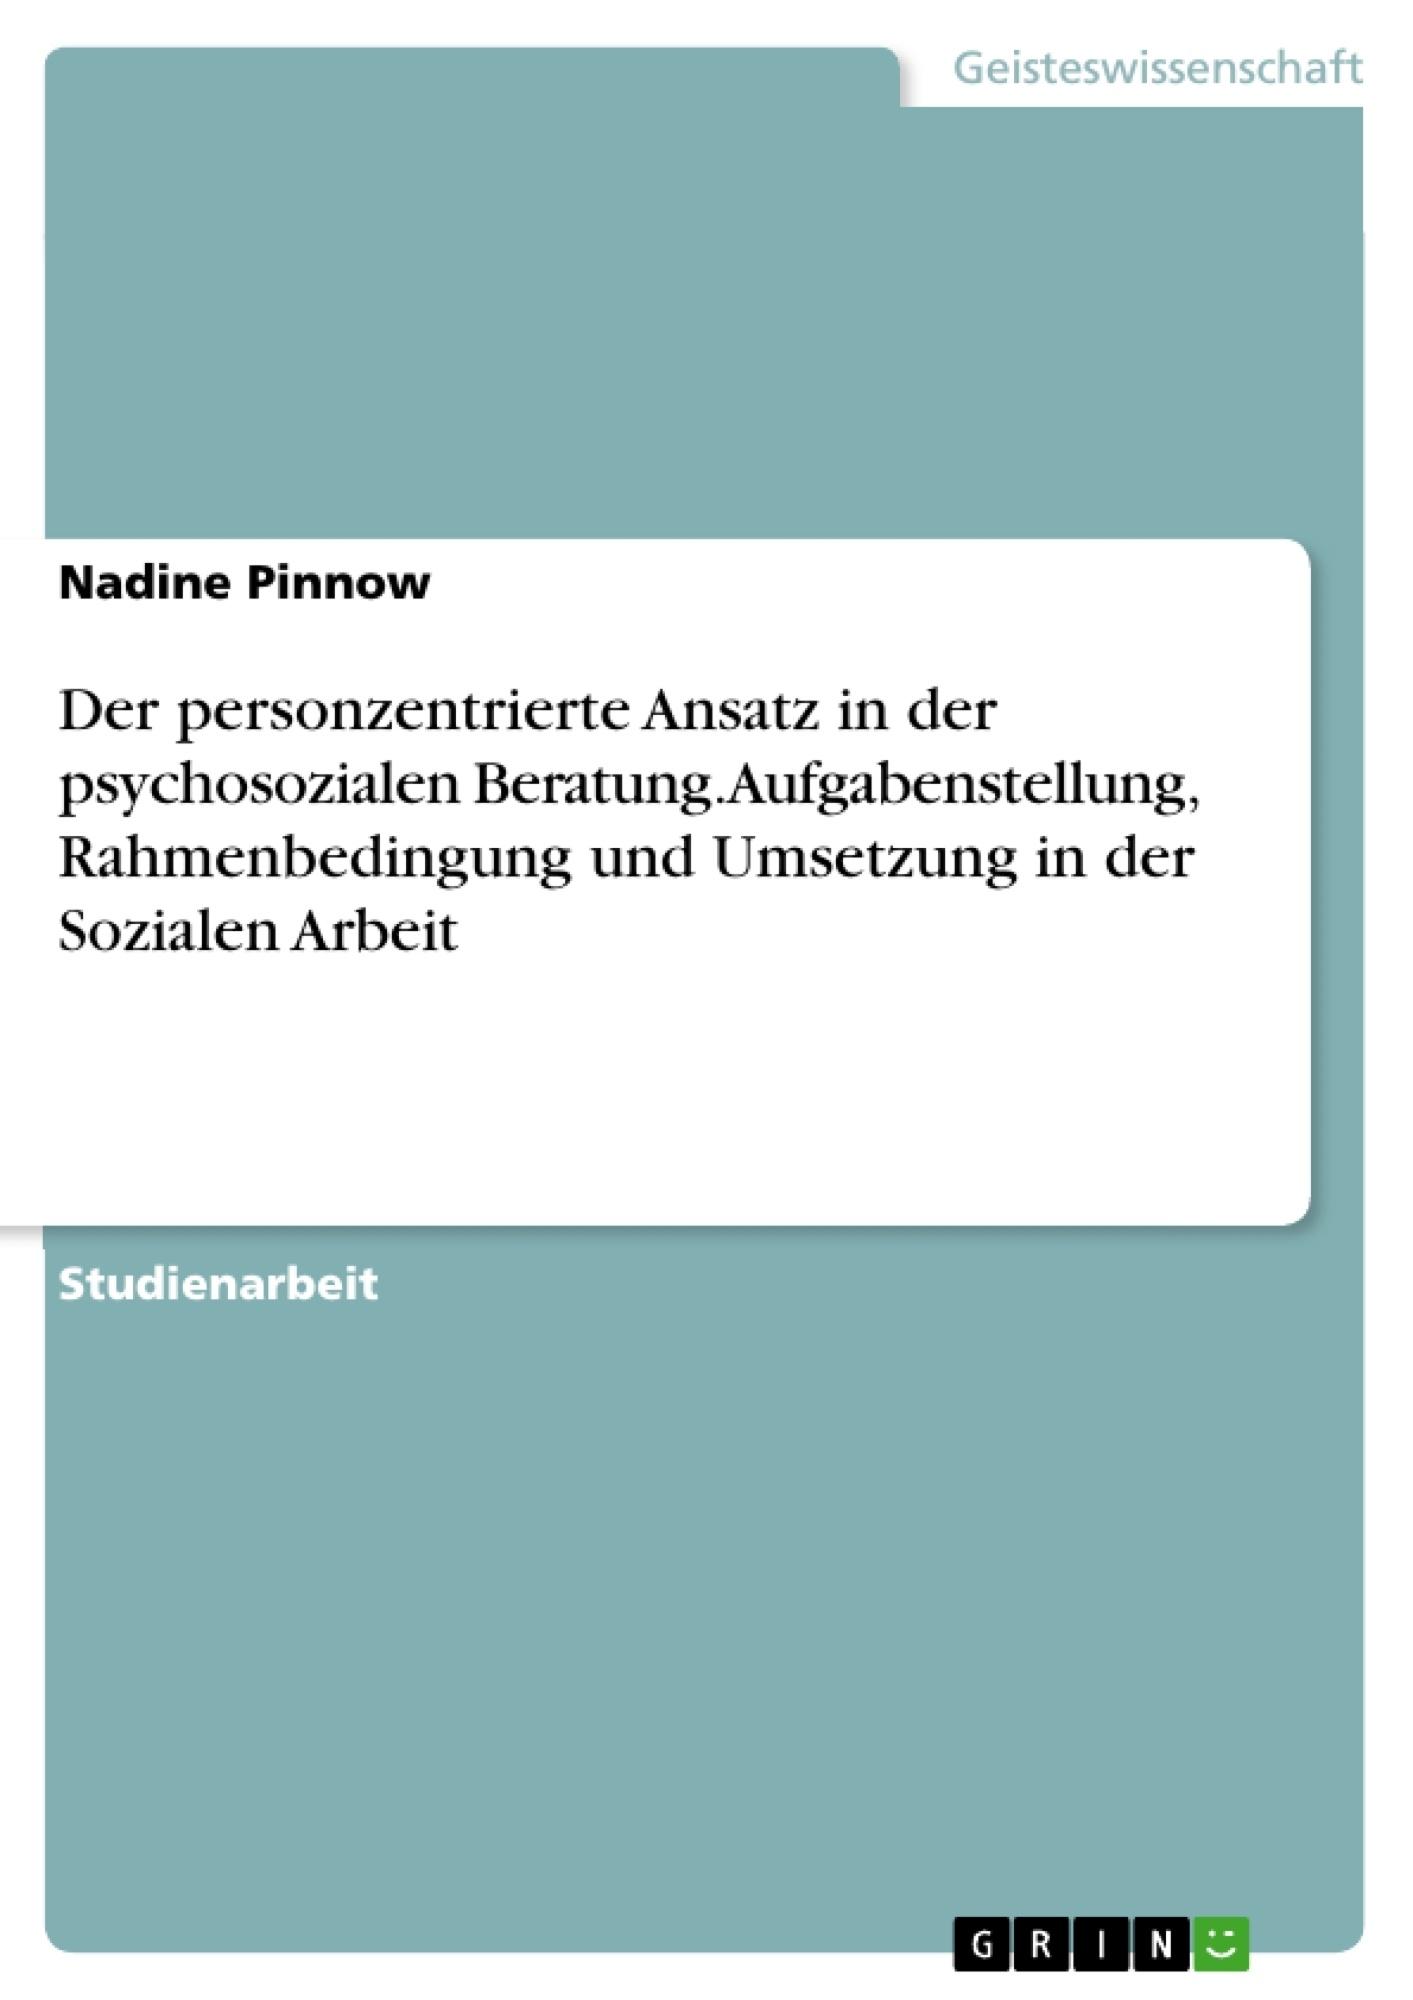 Titel: Der personzentrierte Ansatz in der psychosozialen Beratung. Aufgabenstellung, Rahmenbedingung und Umsetzung in der Sozialen Arbeit